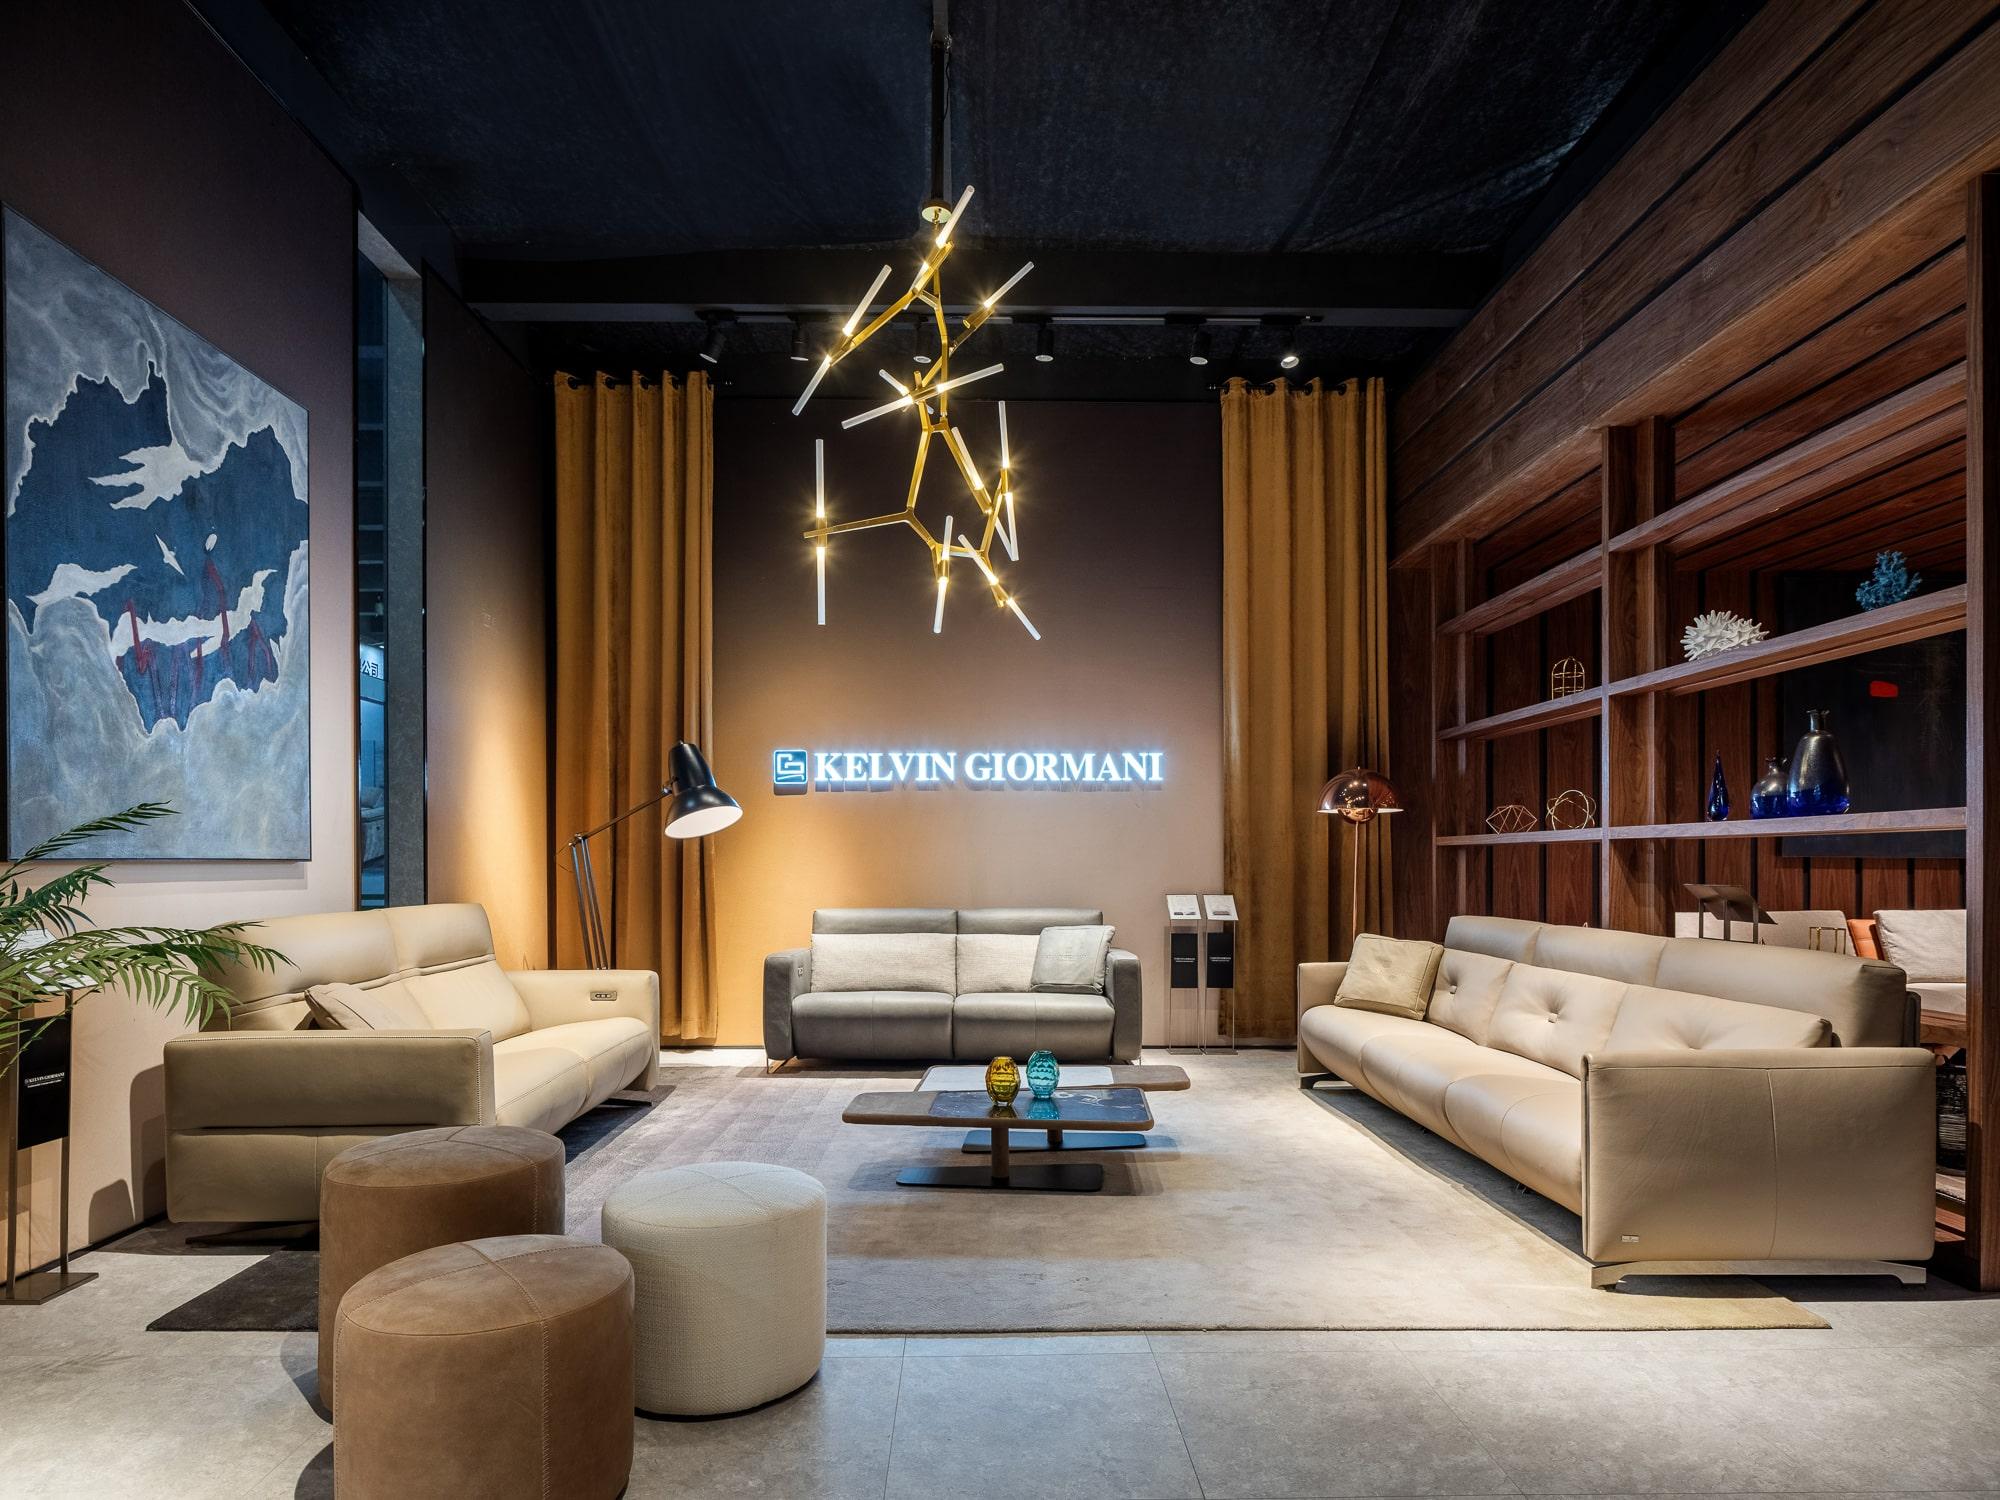 Nuestro estudio participa en la feria del mueble CIFF Furniture de Guangzhou con el diseño del stand y el catálogo de Kelvin Giormani.